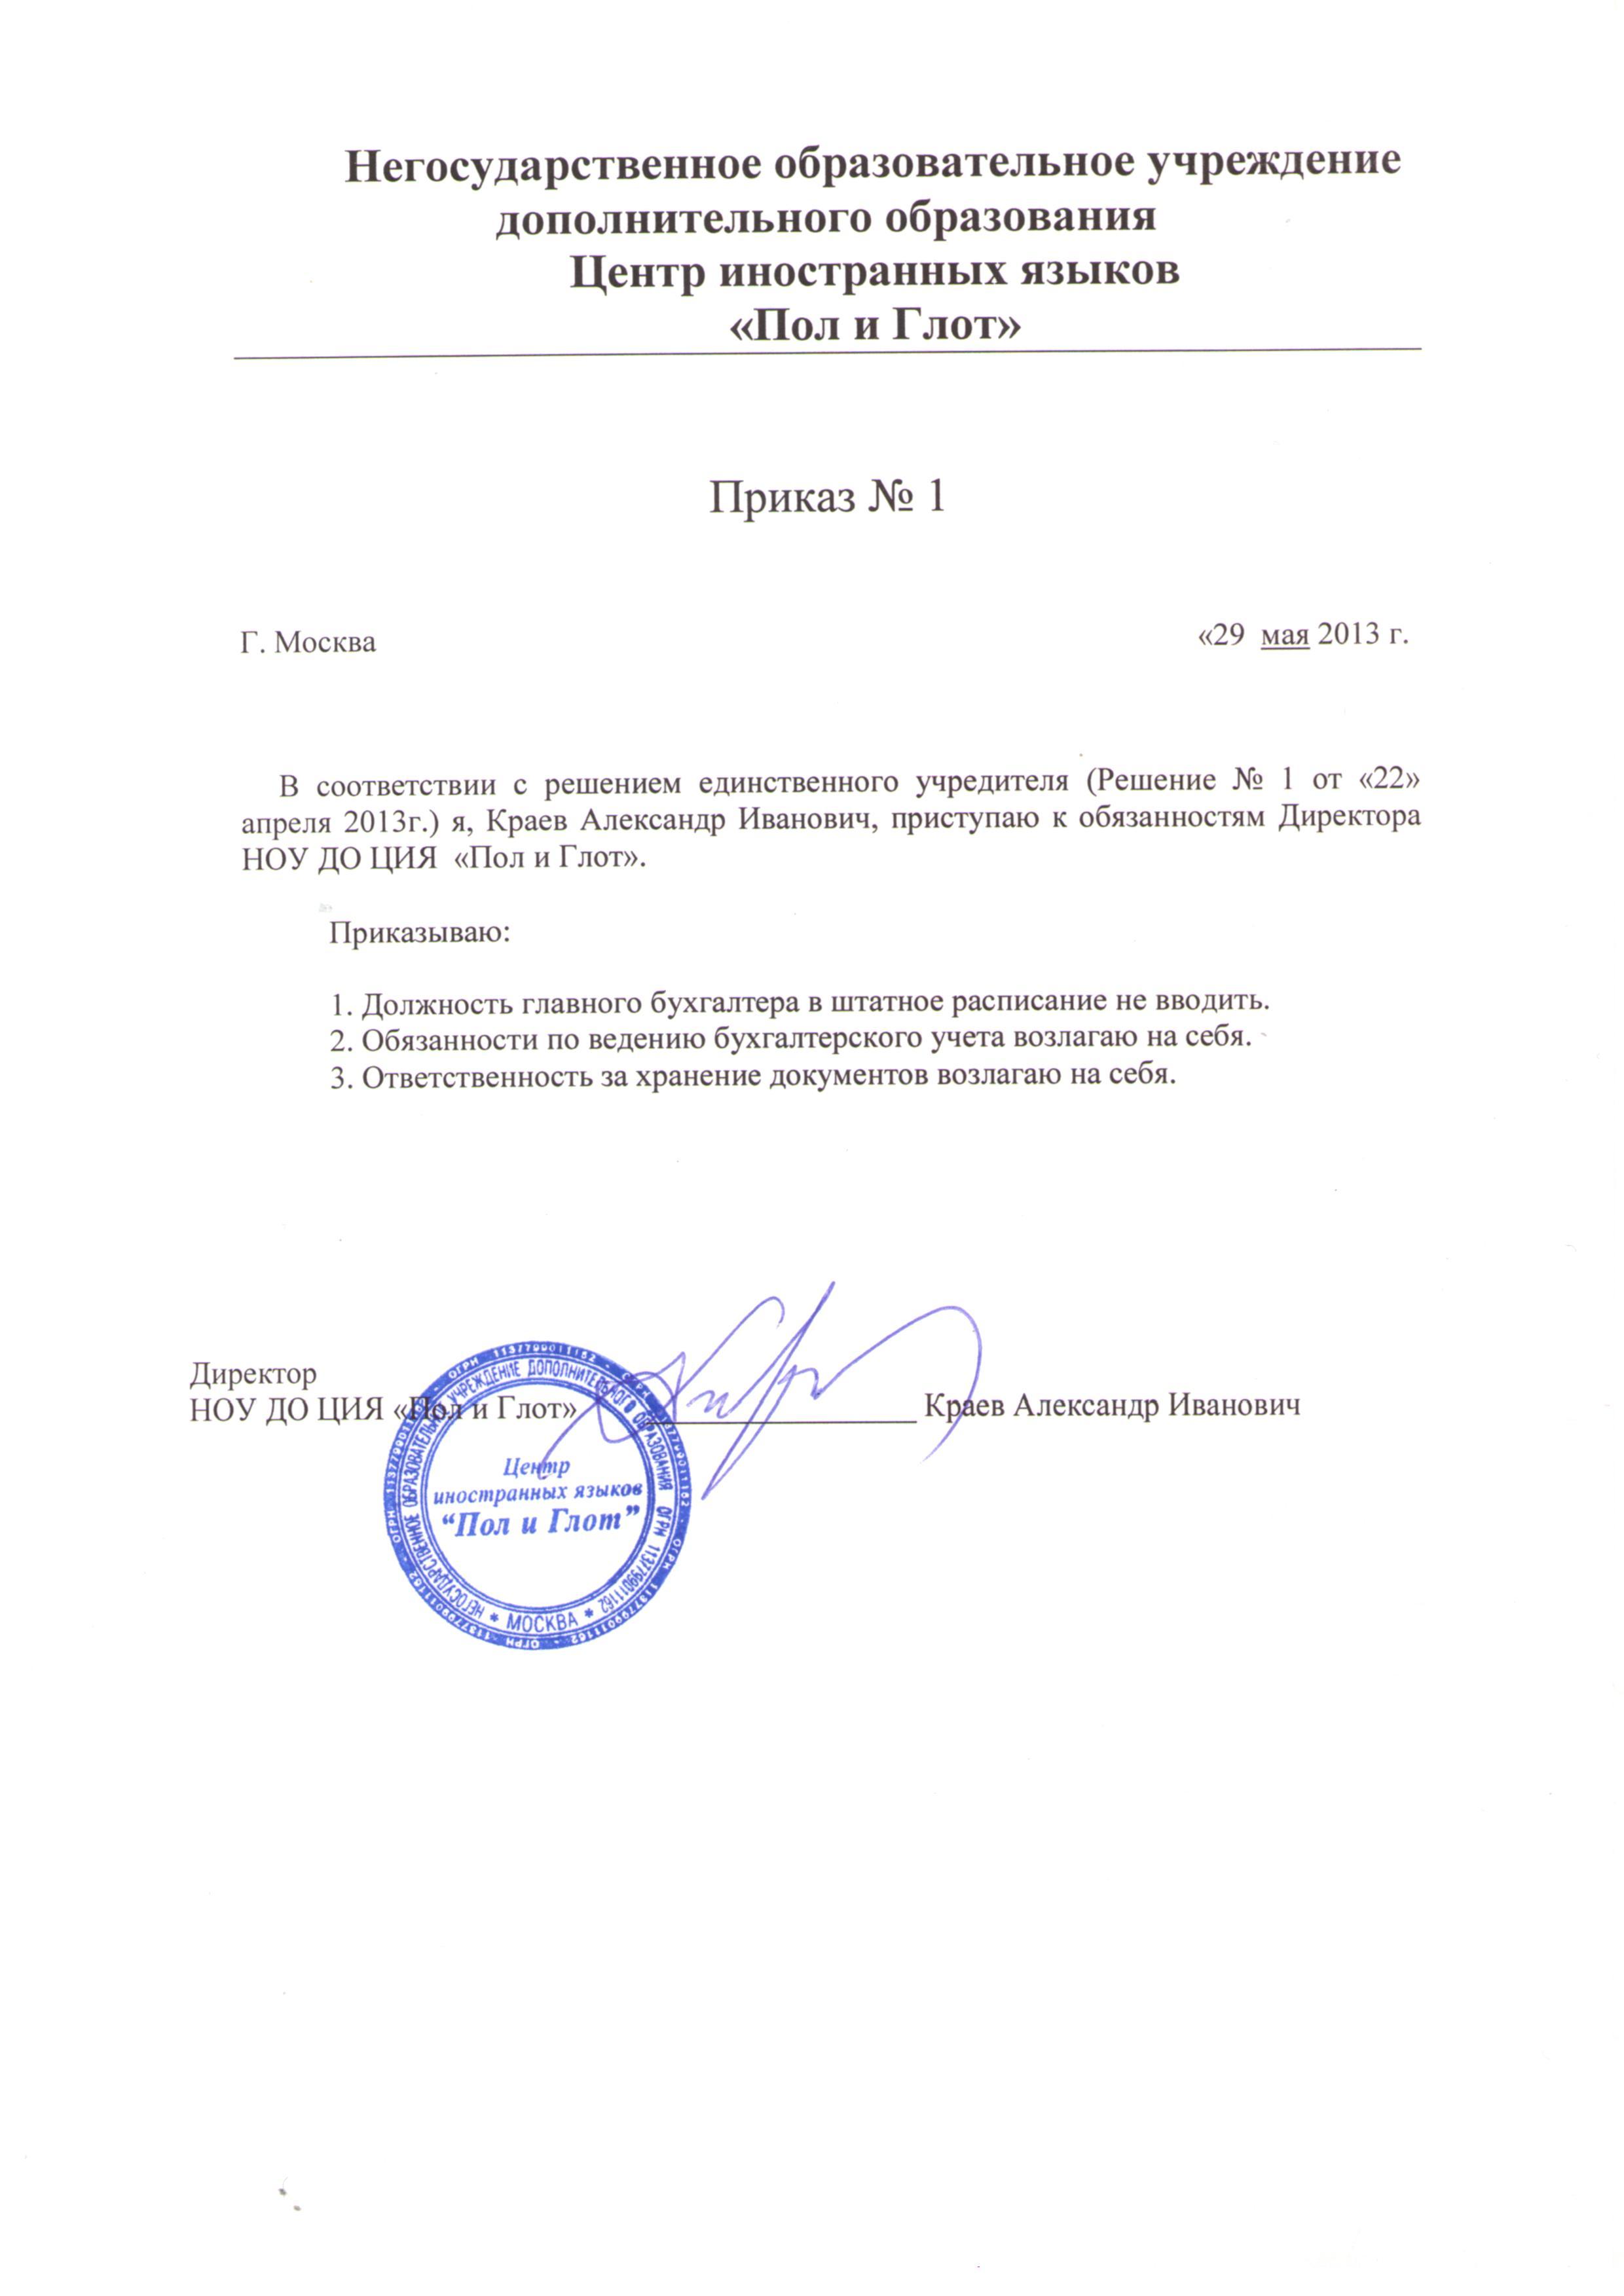 Образец решение о назначении главного бухгалтера ооо образец бухгалтерские услуги в видном